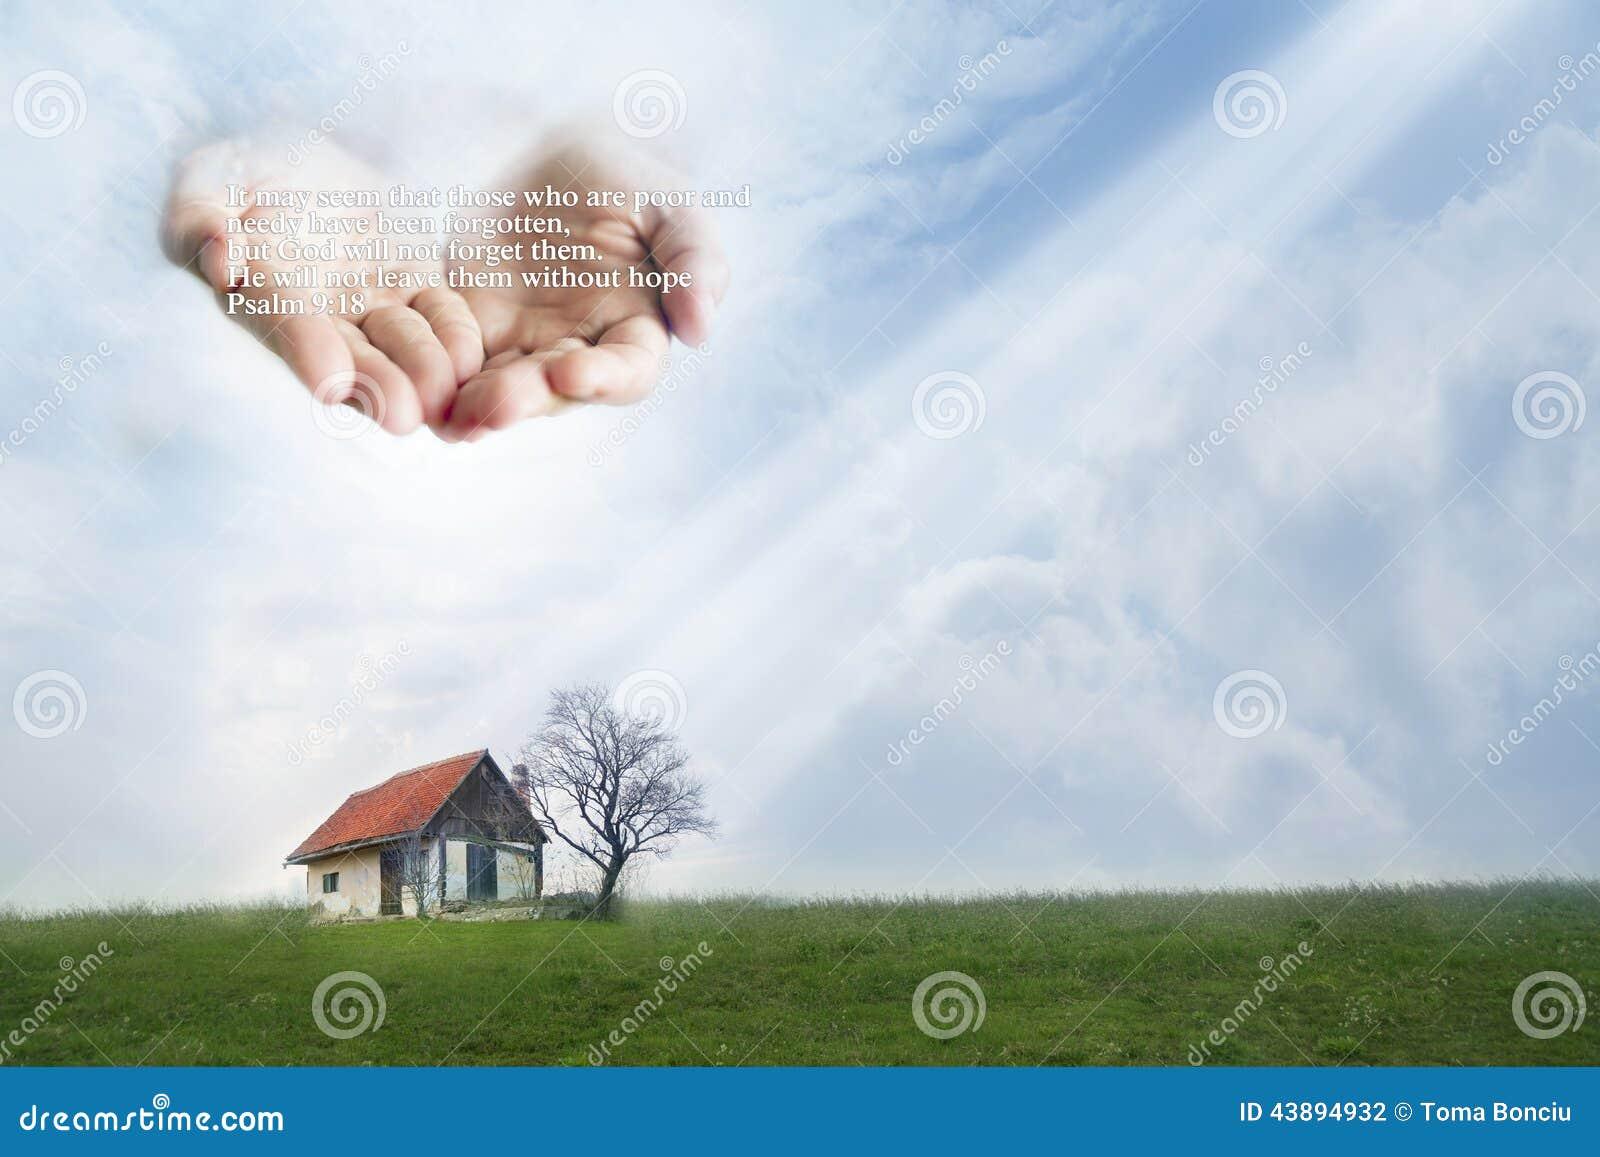 Fattigt hus som skyddas av händer av guden Citationstecken från psalm9:18